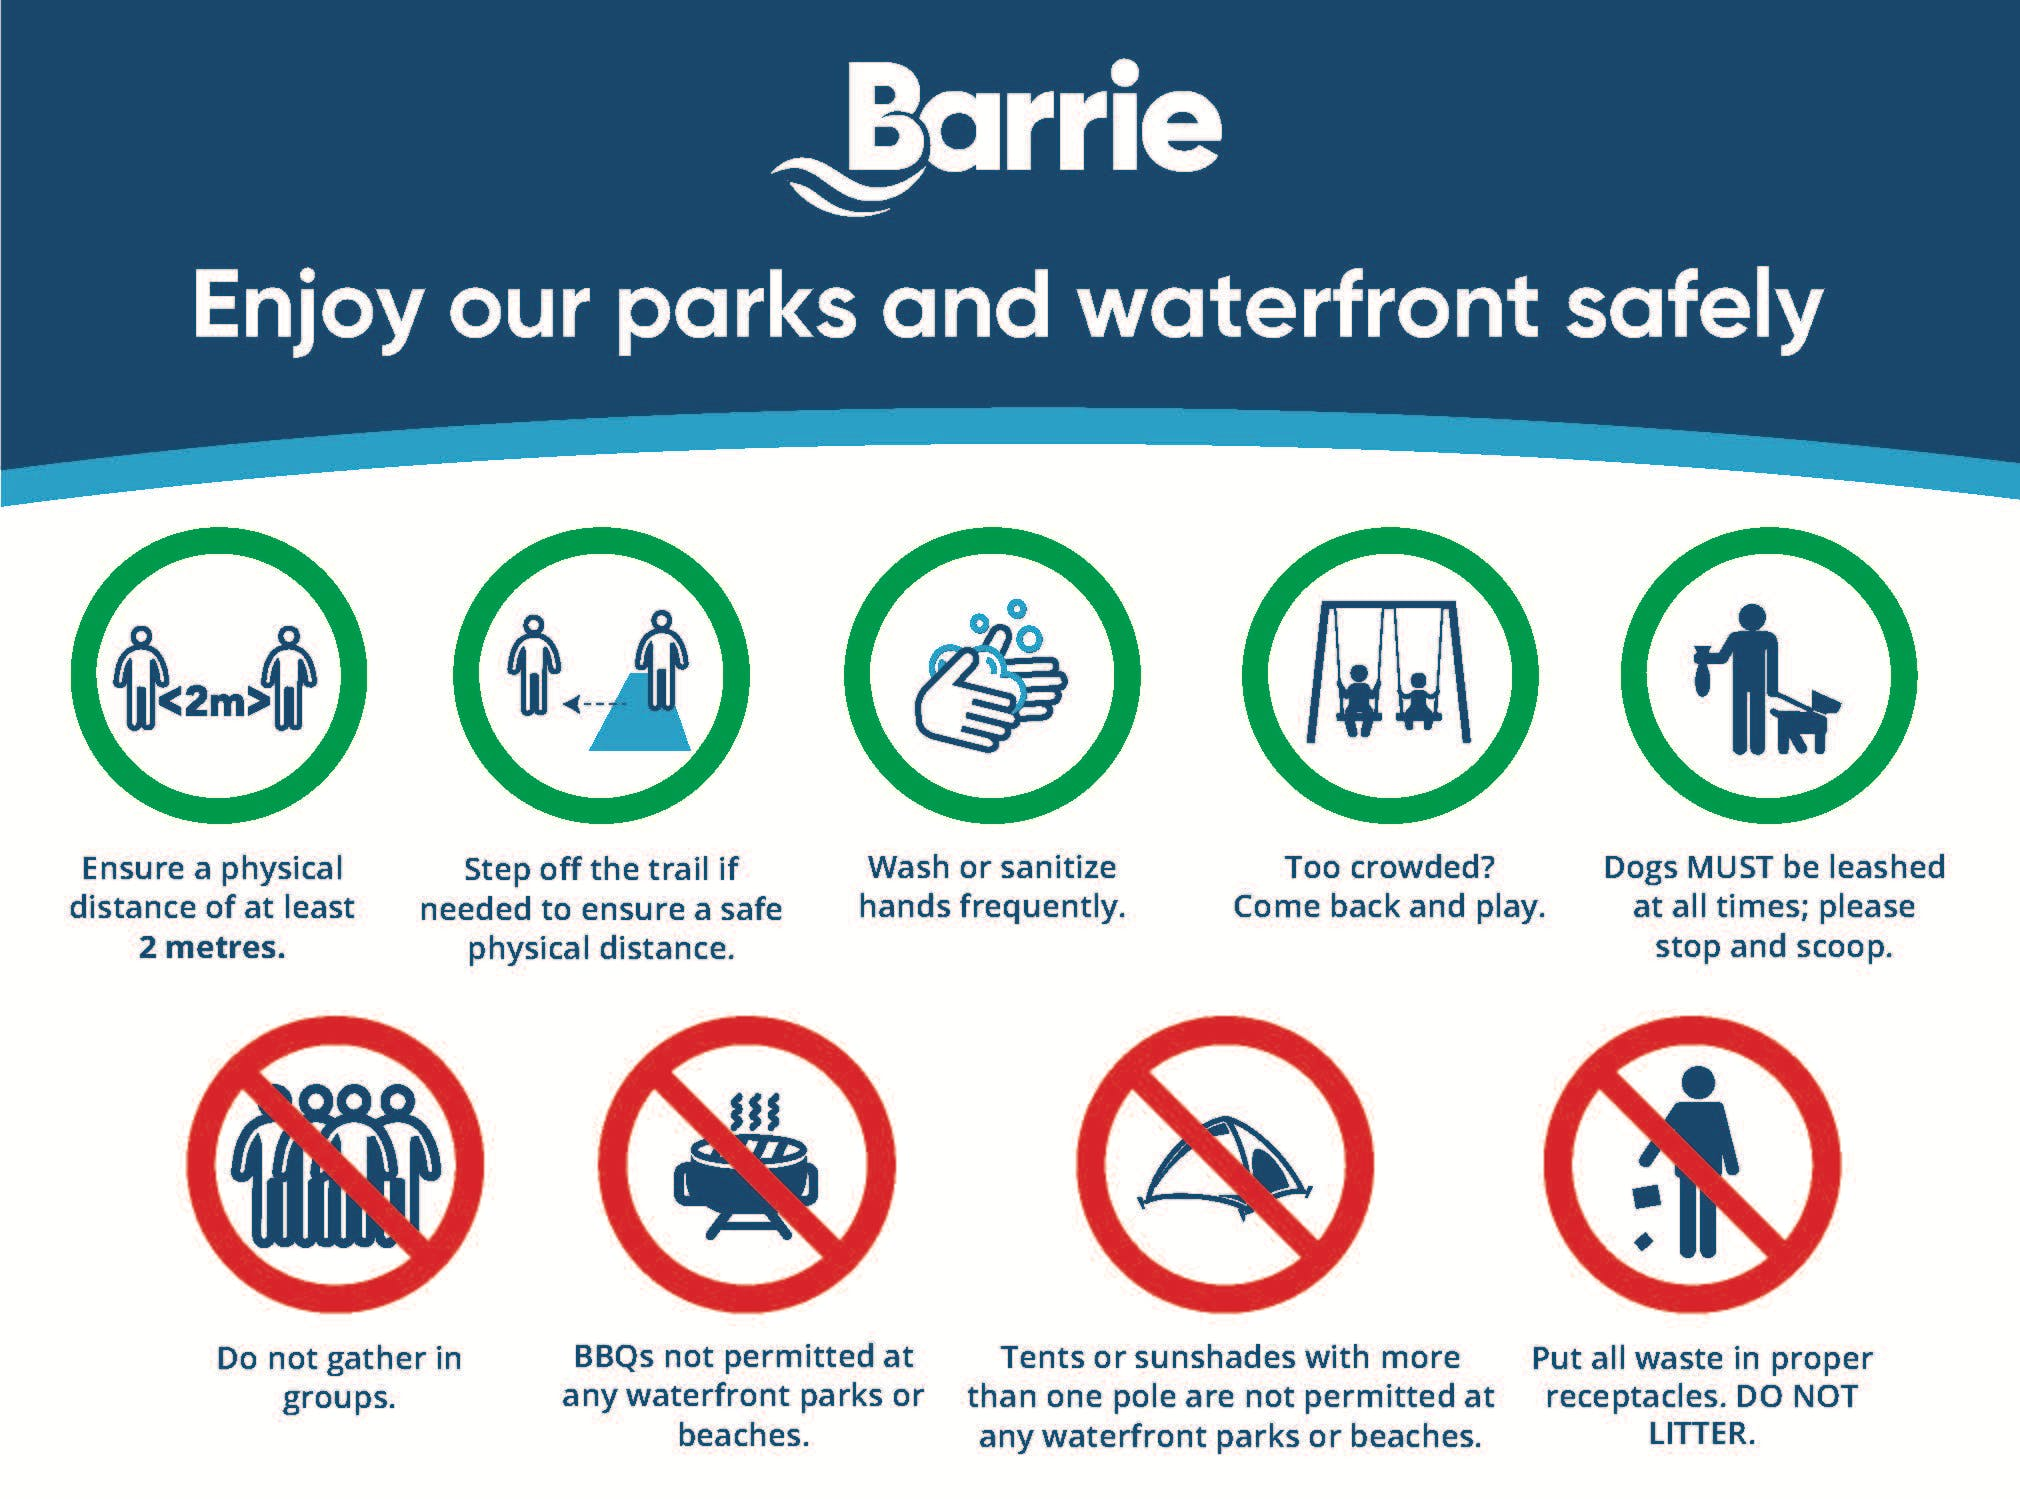 enjoy-parks-safely.jpg